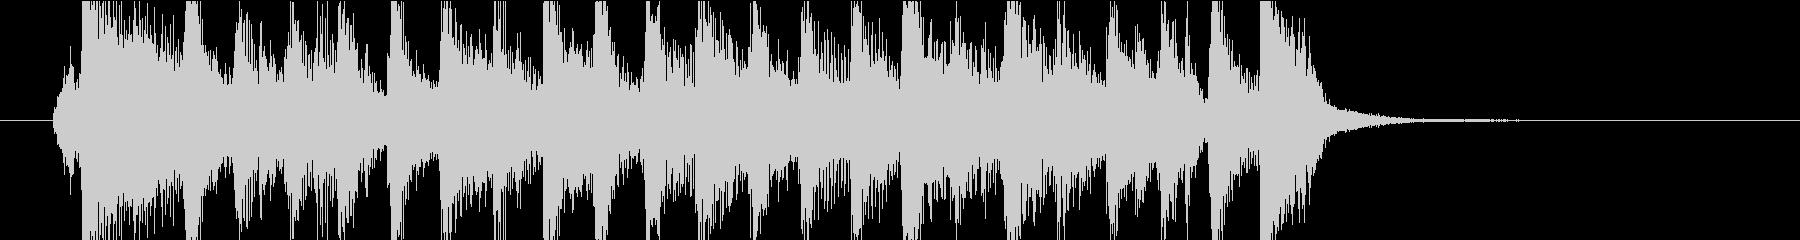 【ジングル】ピアノ主体の軽快で前向きな曲の未再生の波形